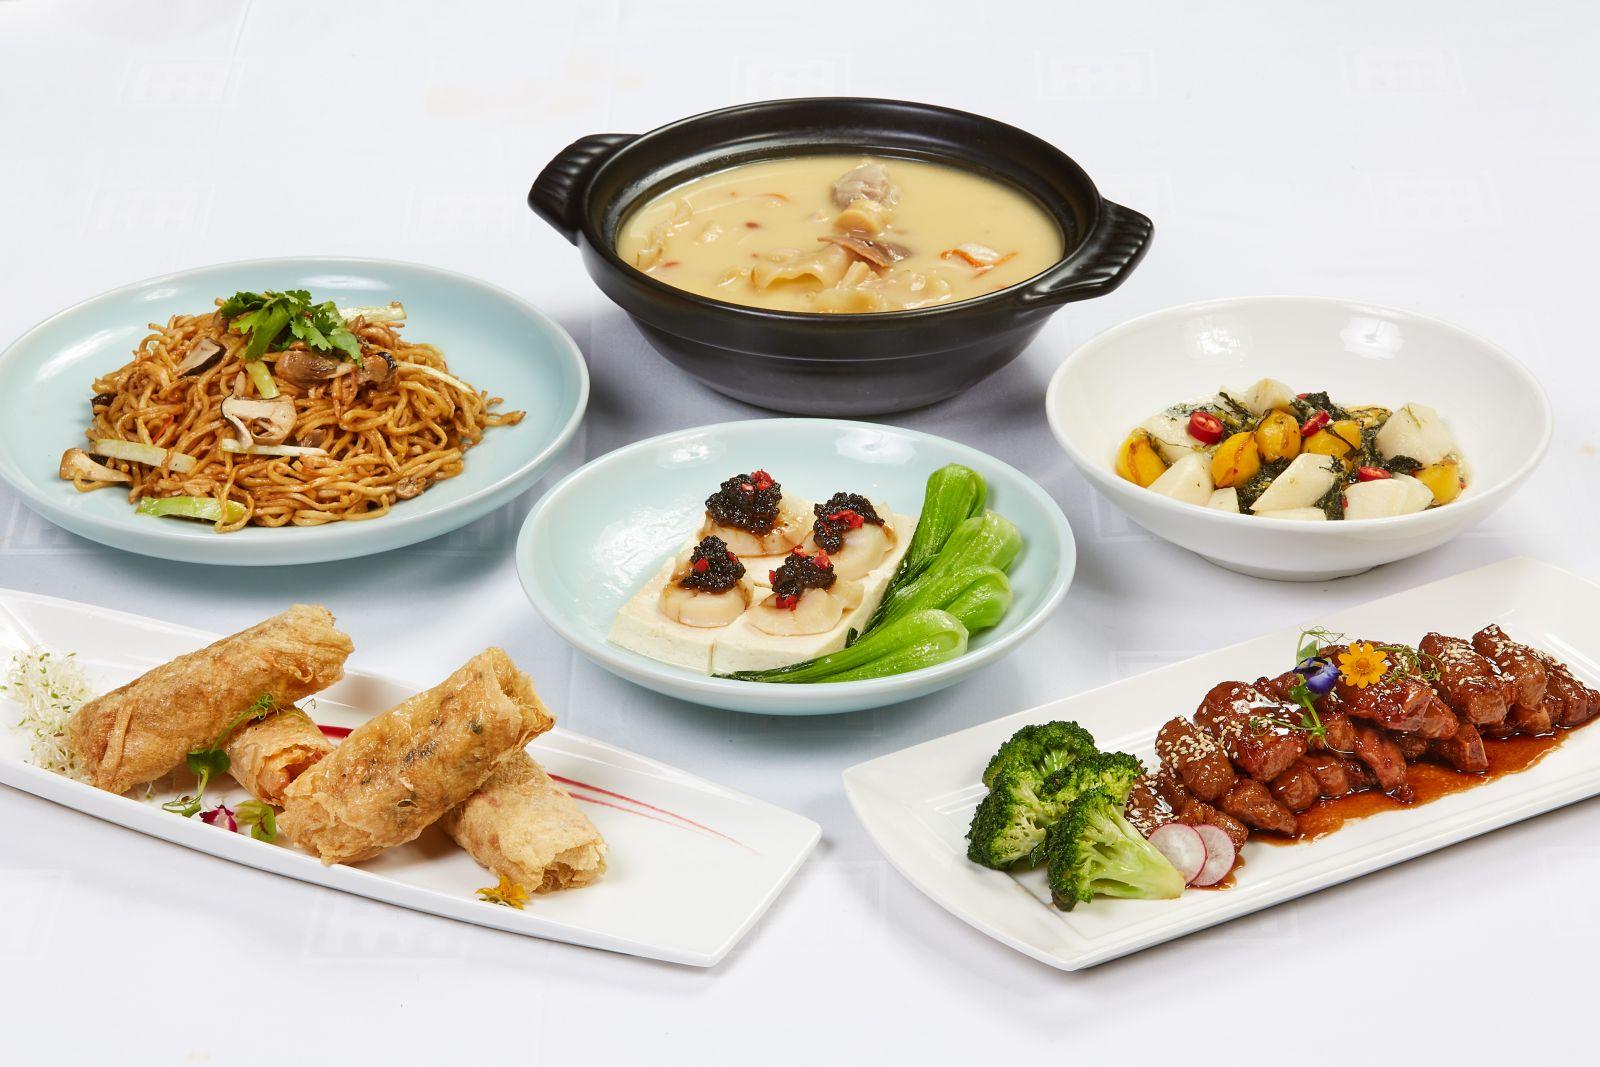 【五星外帶美食3.0】川菜、粵菜四人套餐新菜色登場!